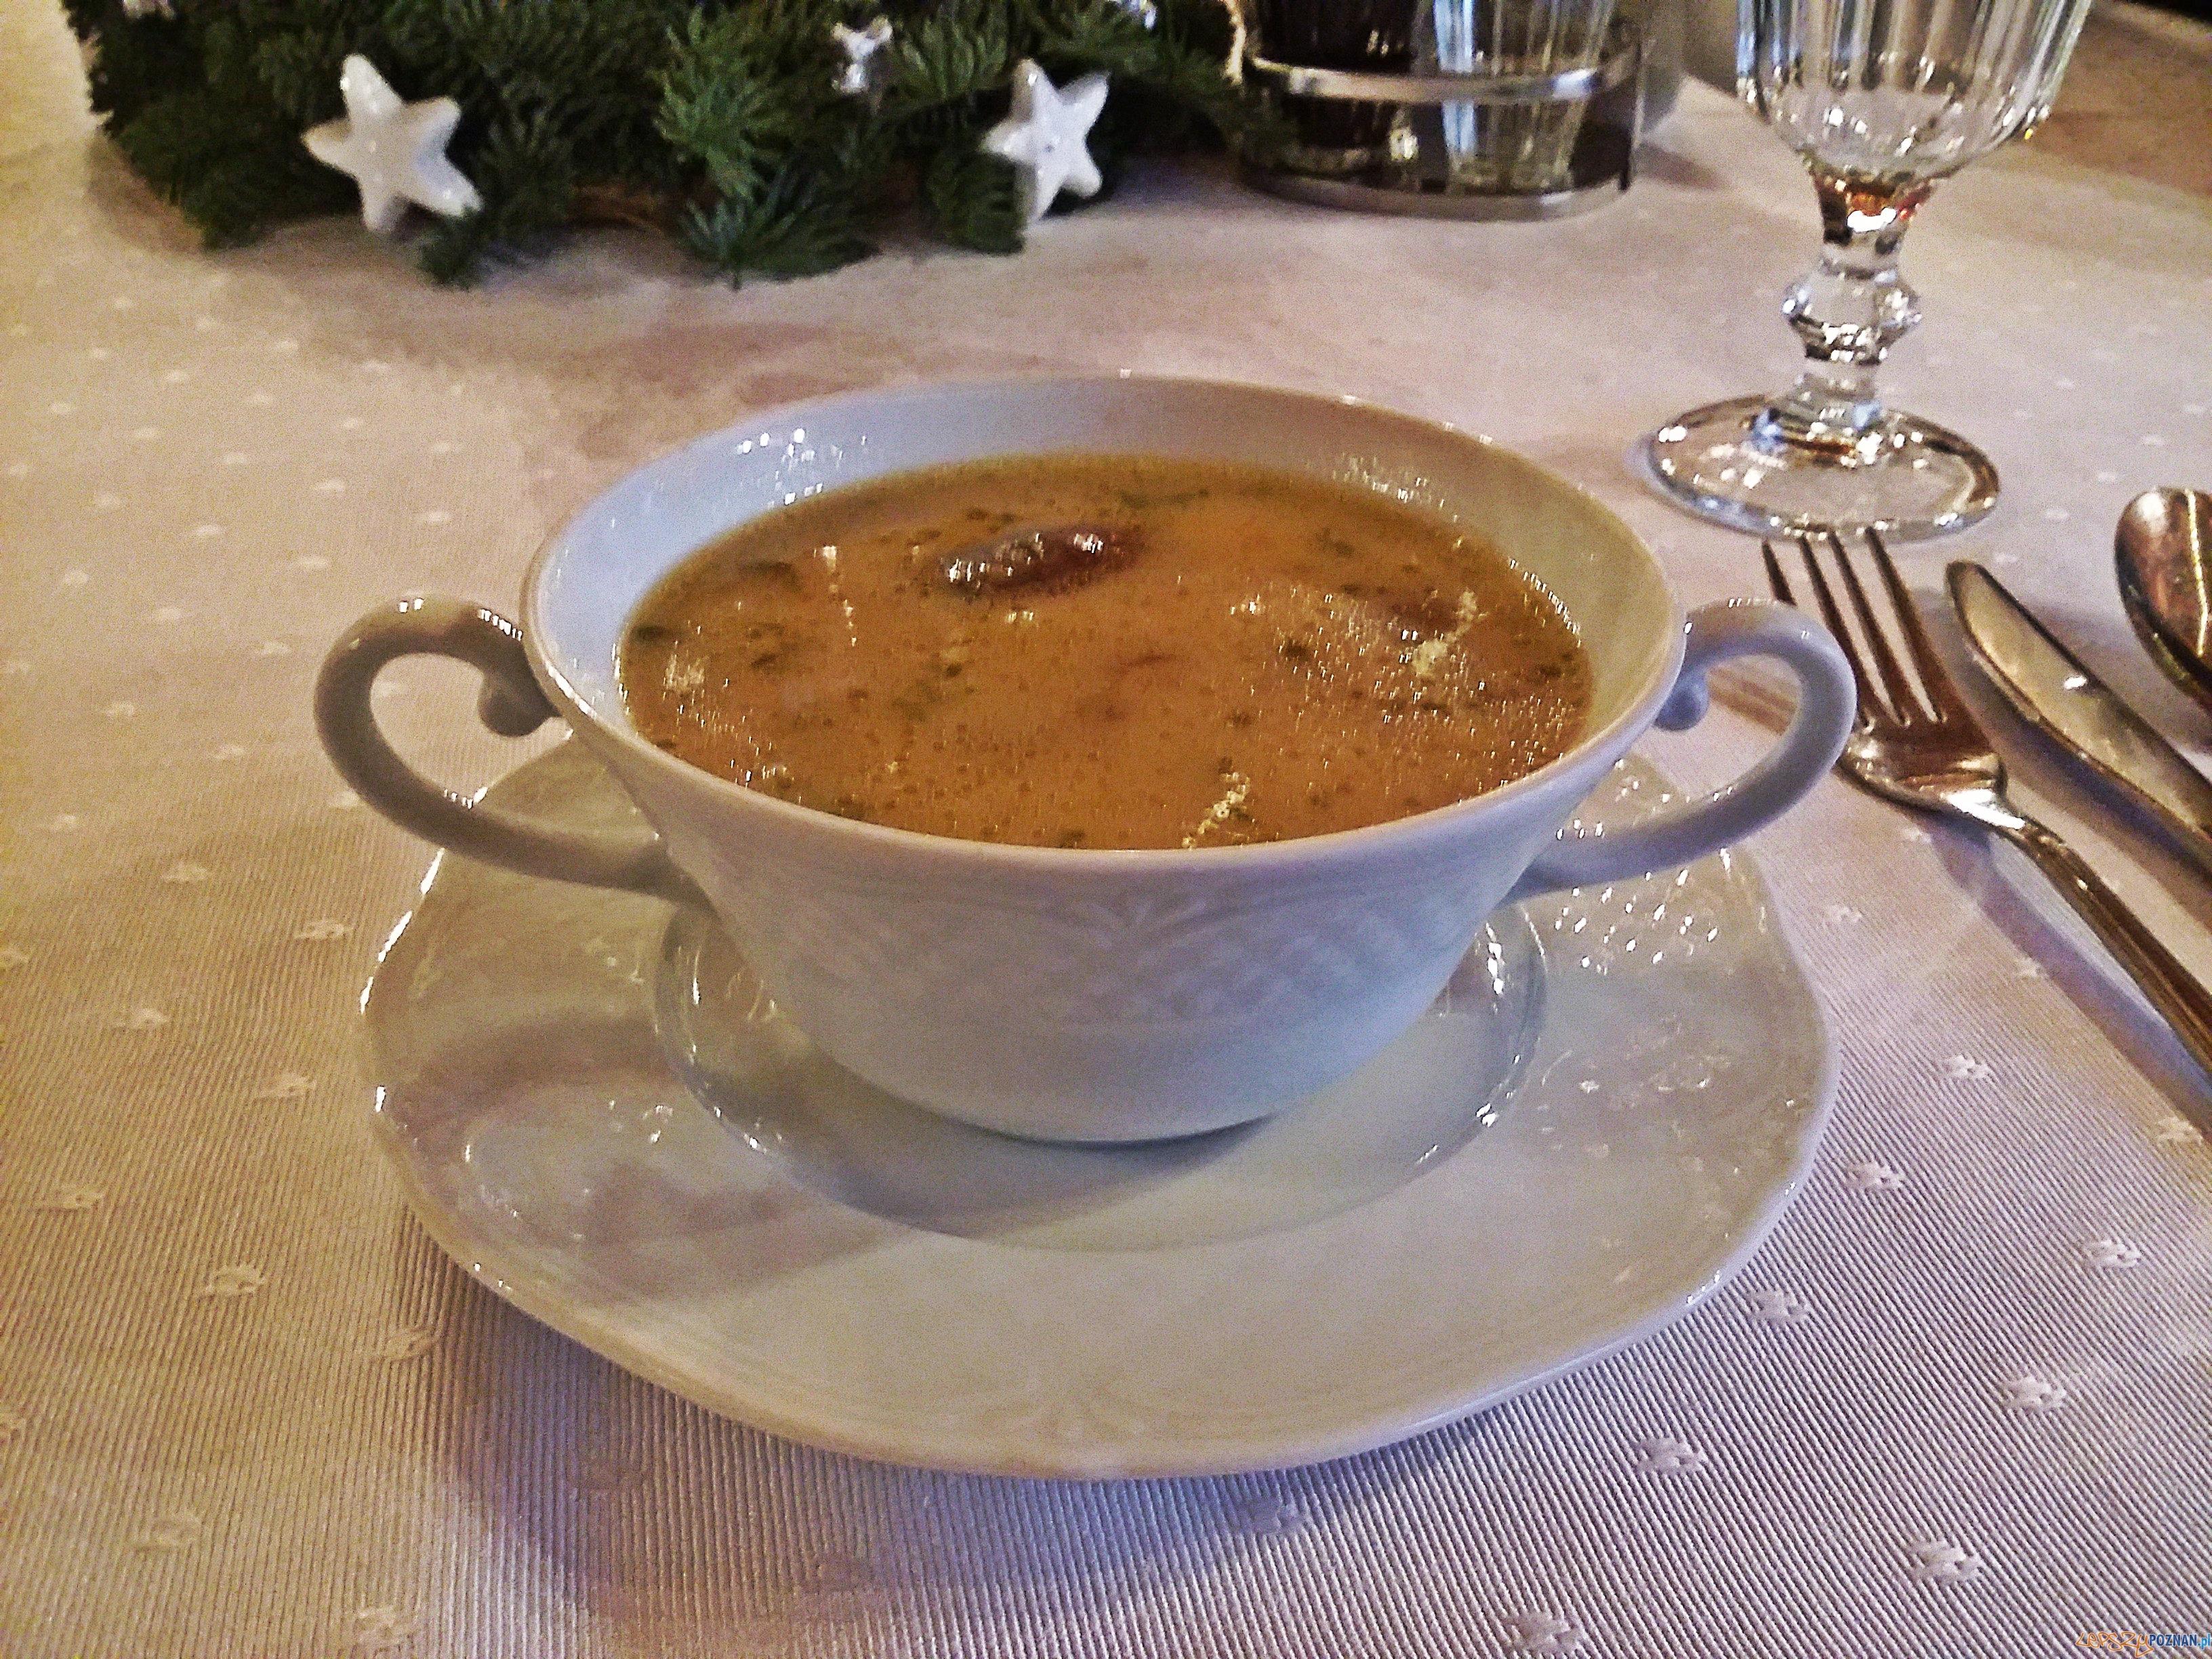 Zupa grzybowa na koniaku  Foto: lepszyPOZNAN.pl / tab